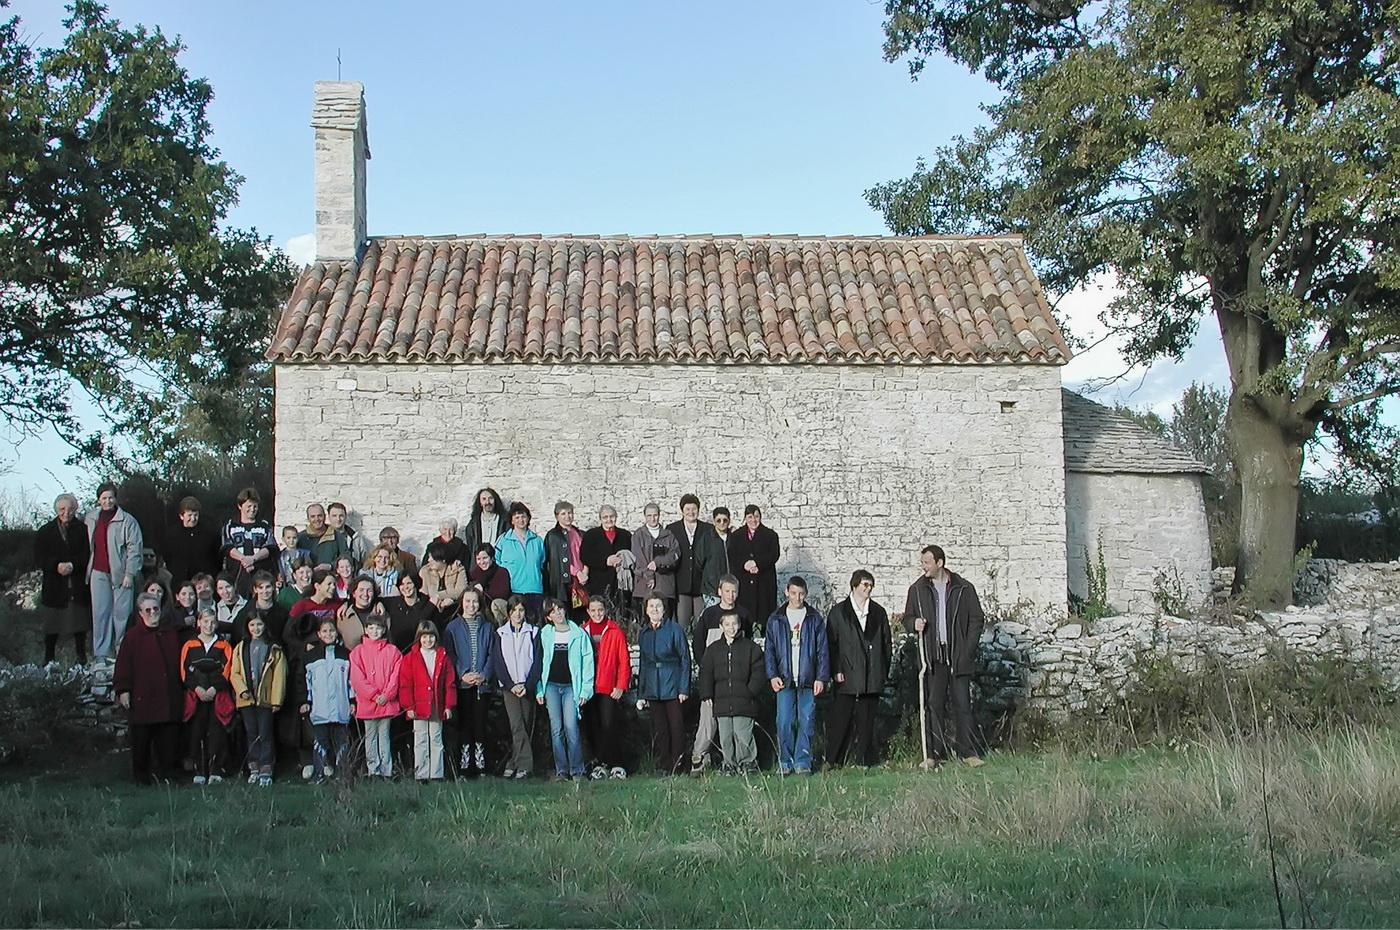 crkva-sv-margarite-i-vjernici